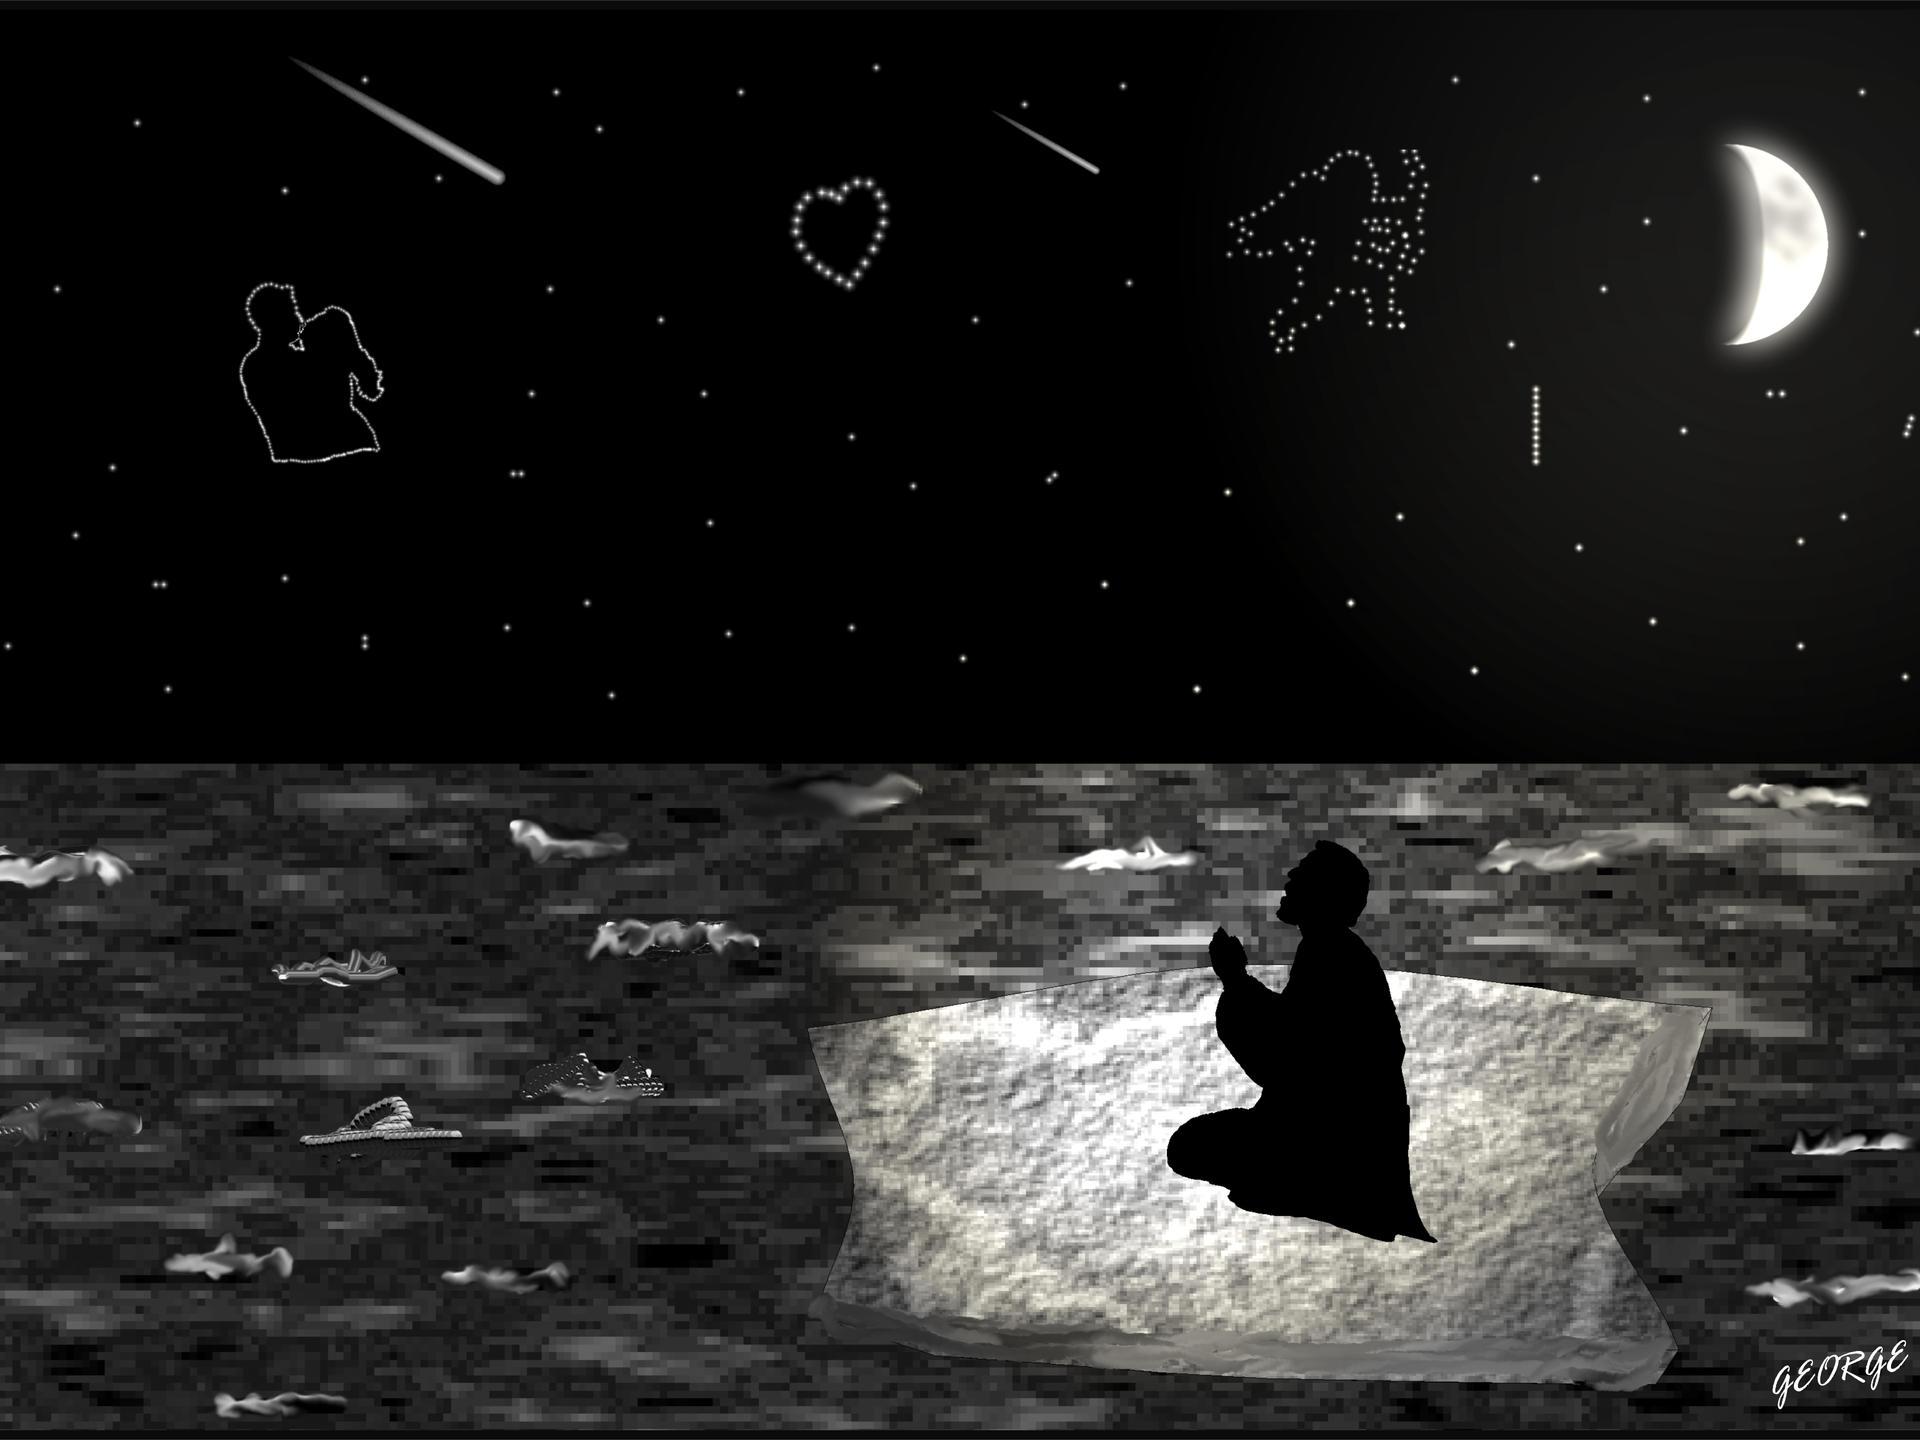 Dreaming digital art